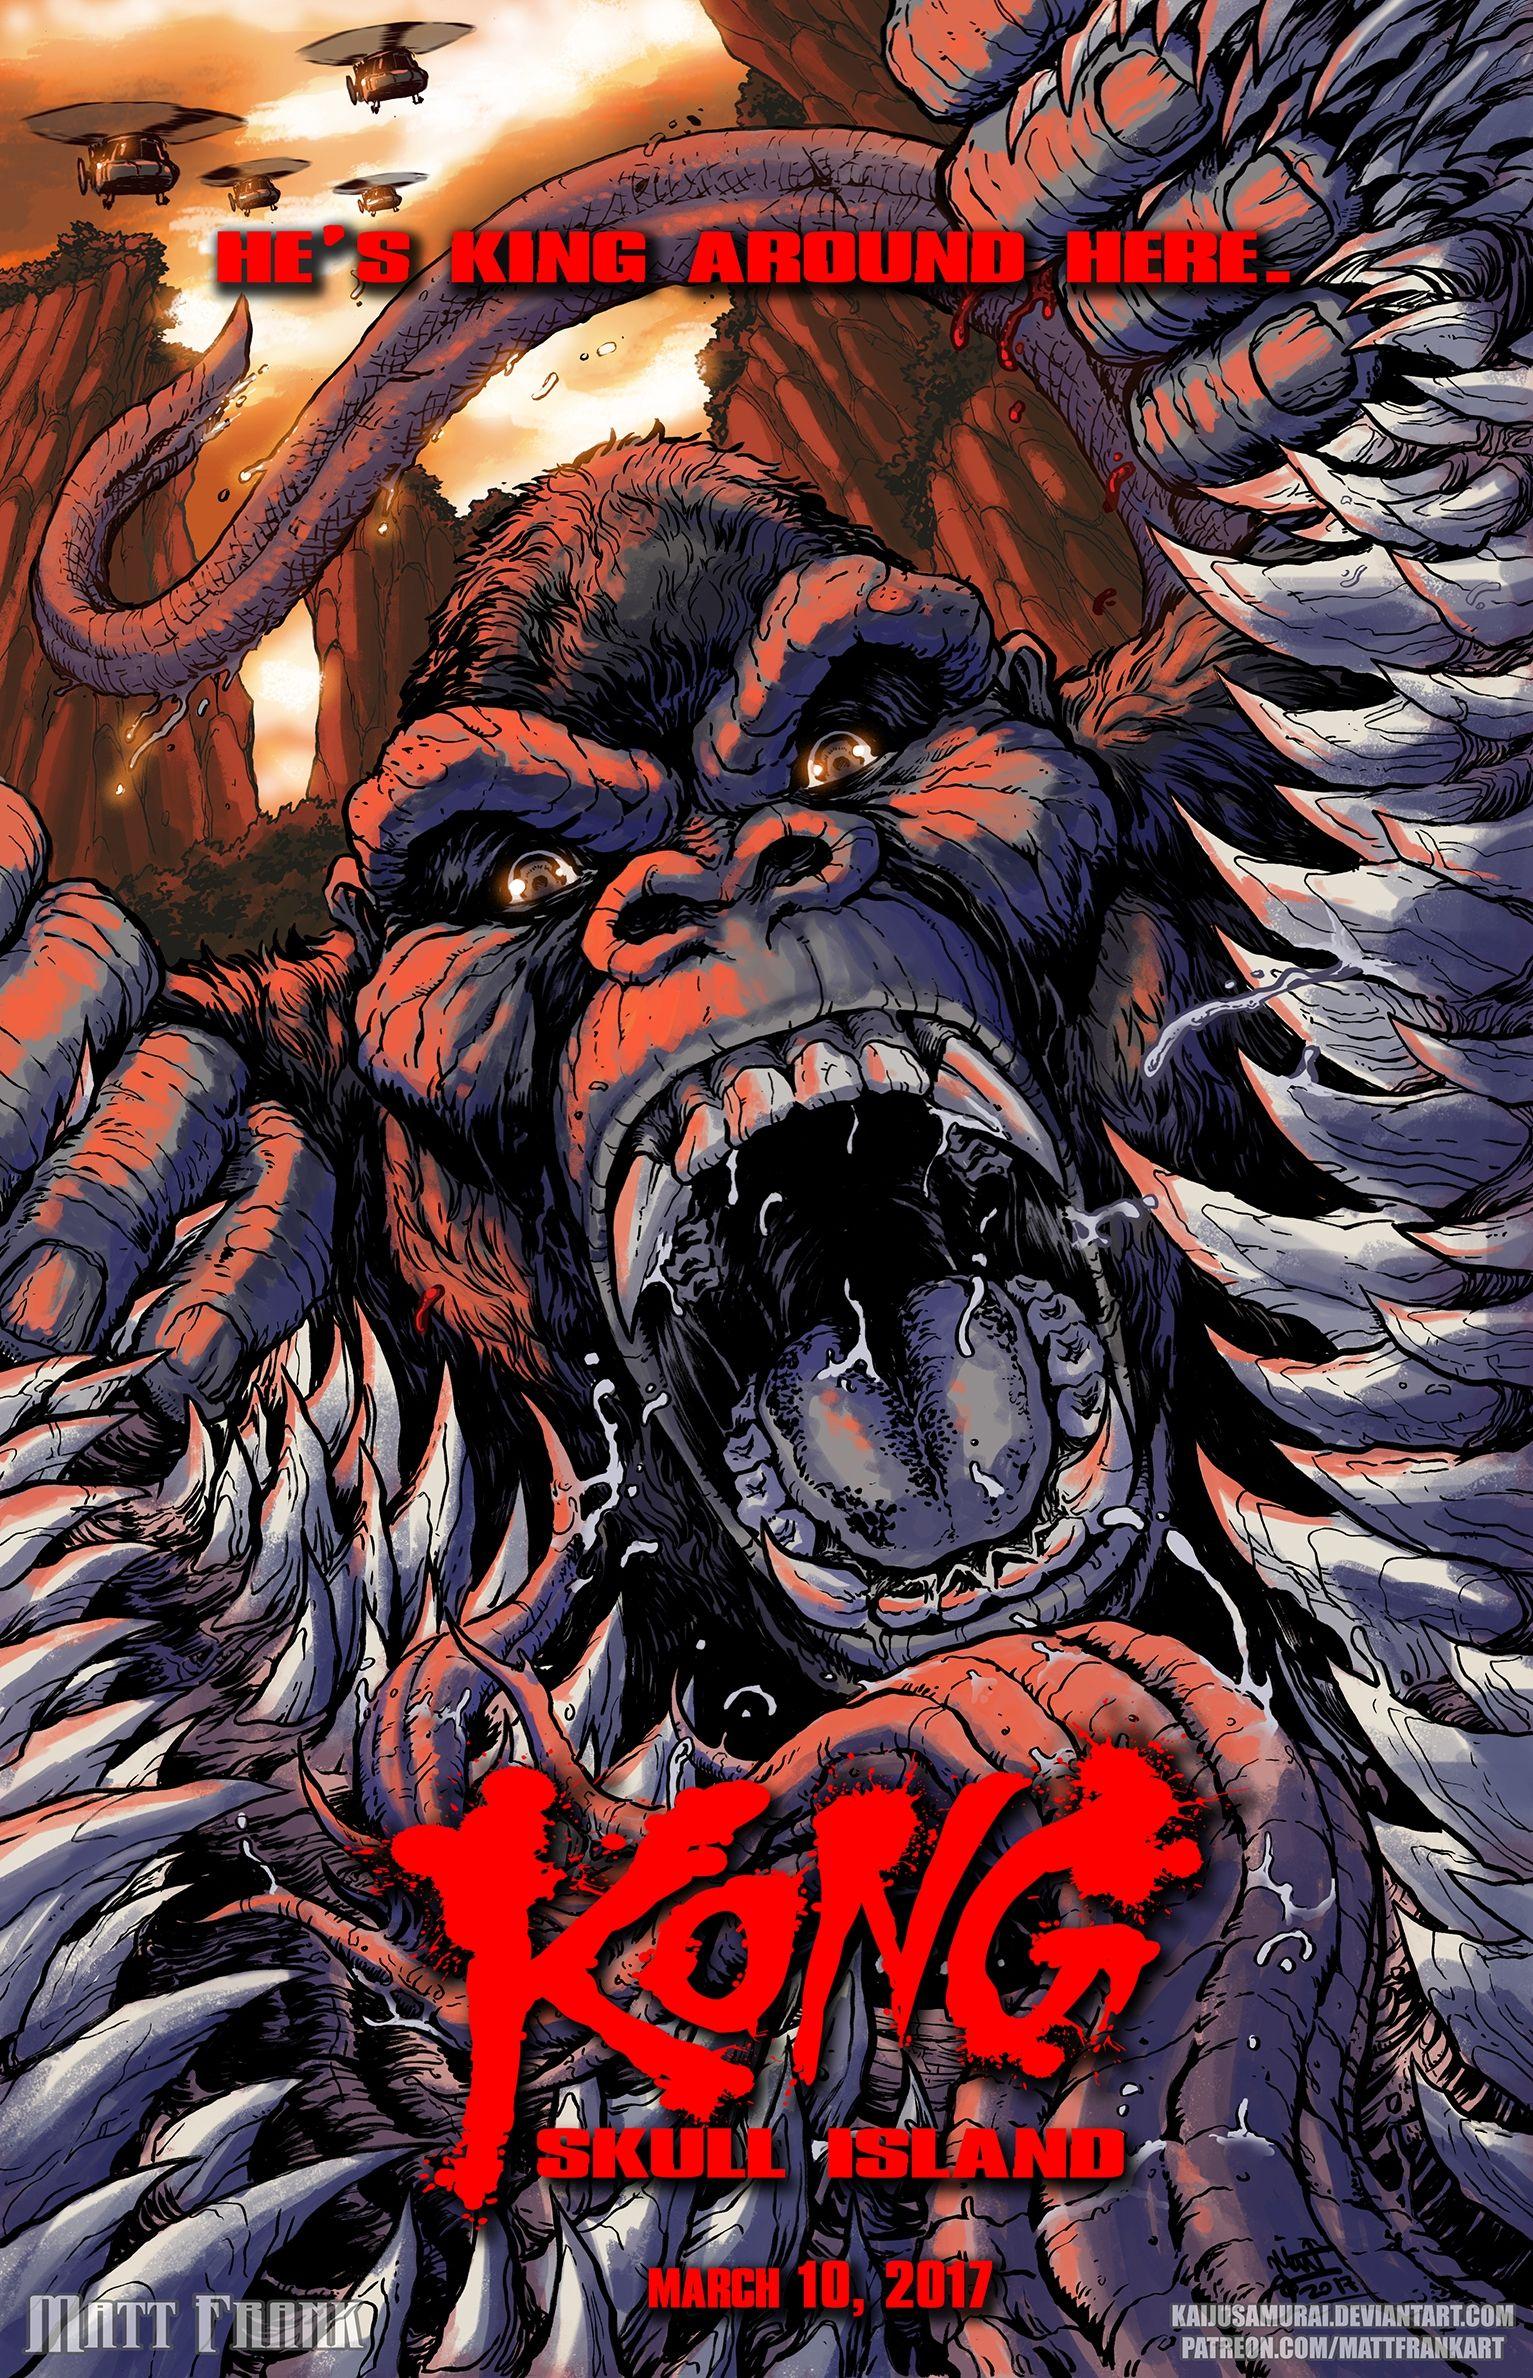 Kong skull island soundtrack on cd - King Kong Skull Island Matt Frank